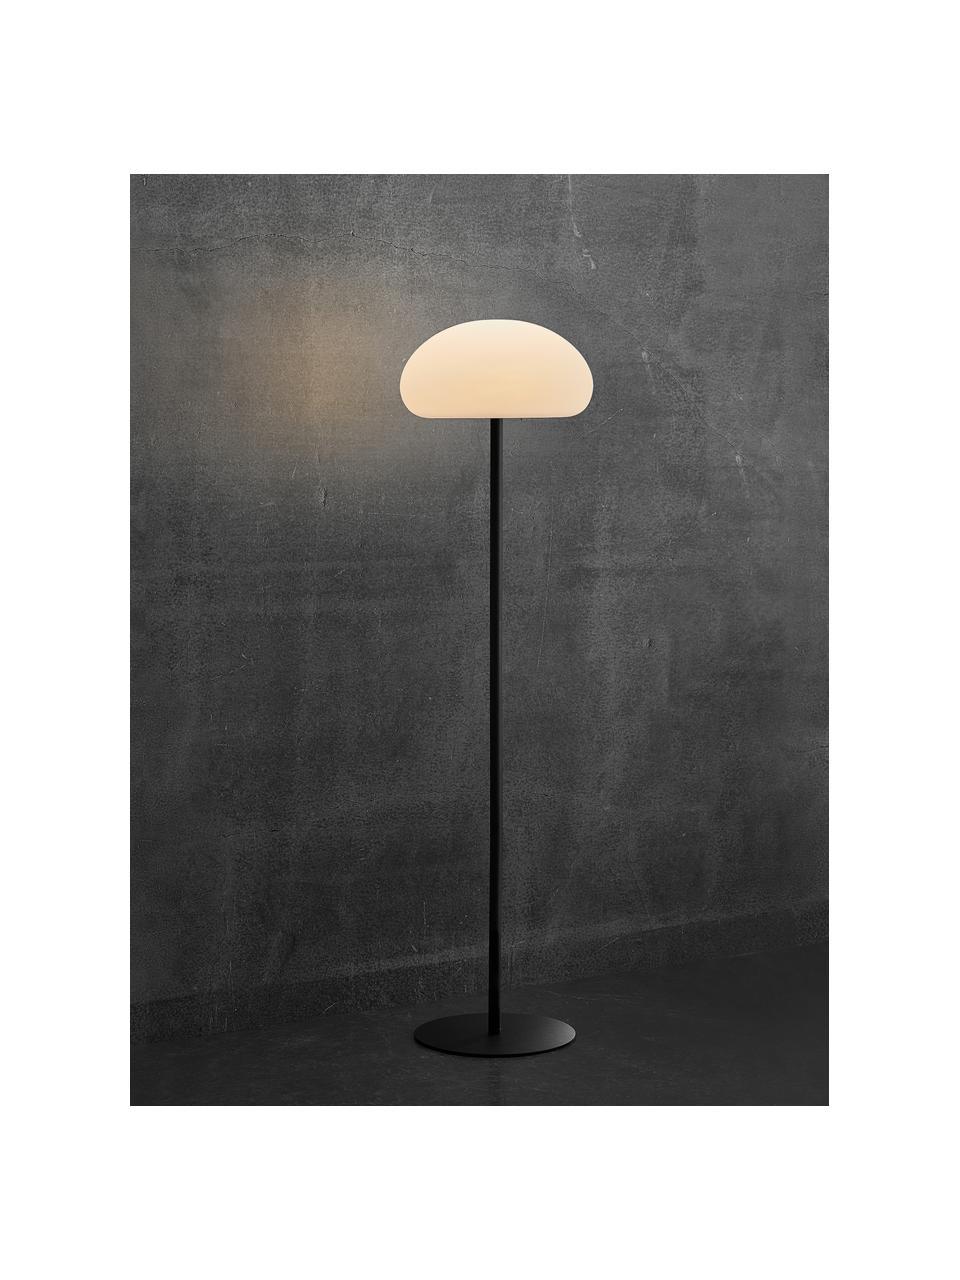 Zewnętrzna lampa mobilna z funkcją przyciemniania Sponge, Biały, czarny, Ø 34 x W 126 cm